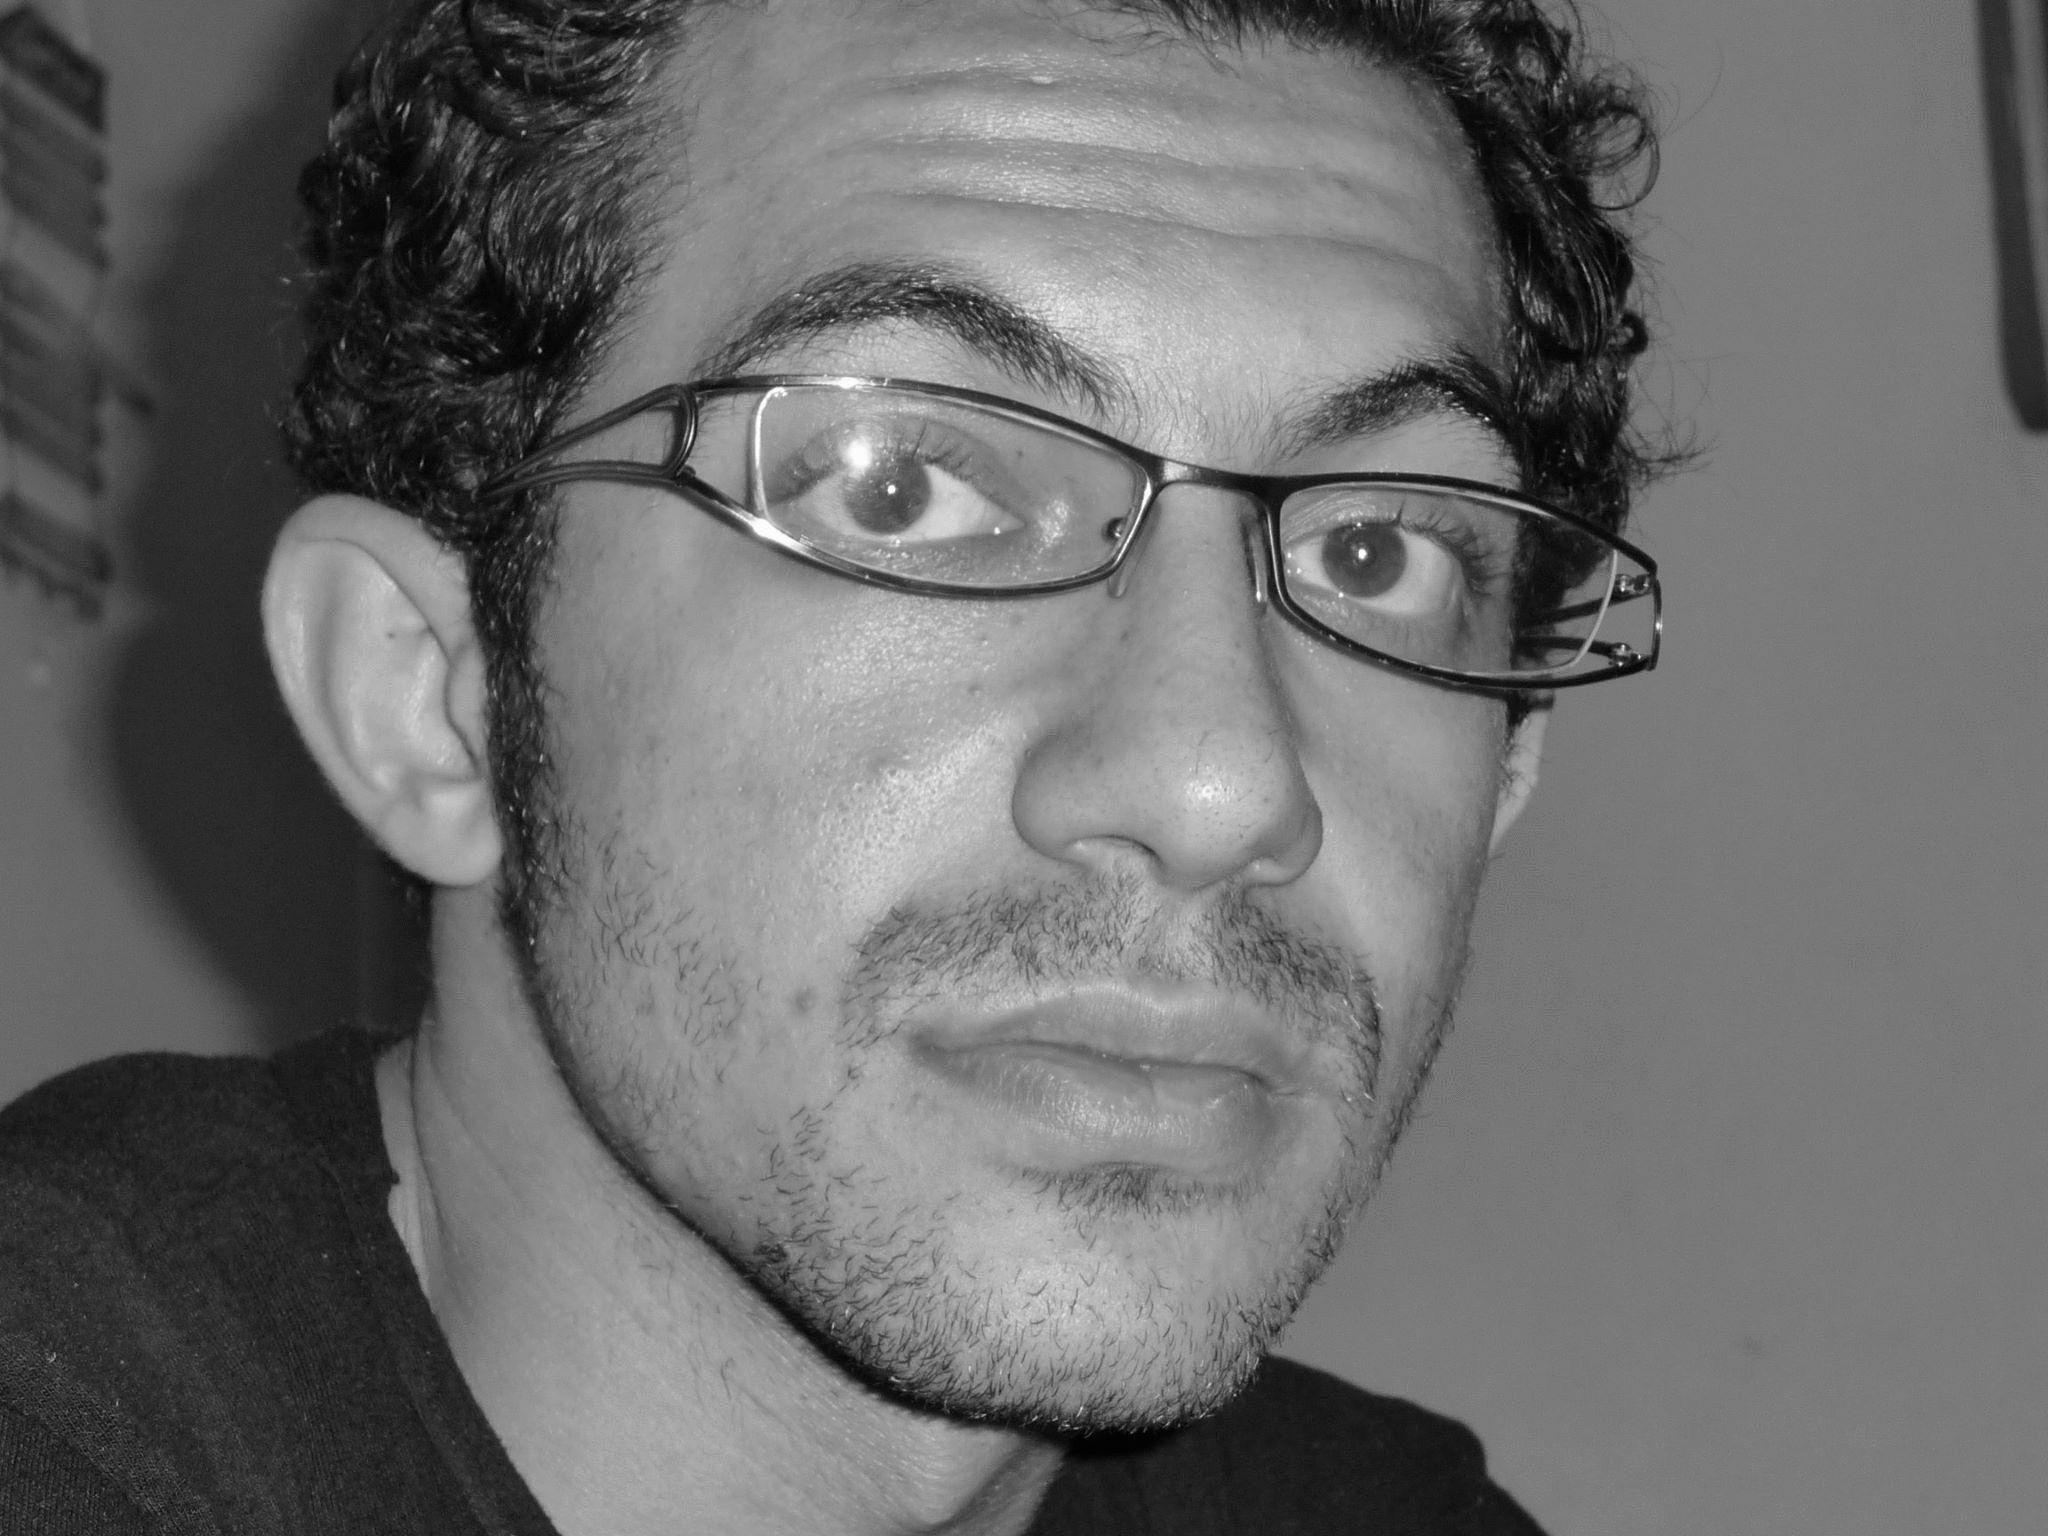 إسلام مسعد Headshot